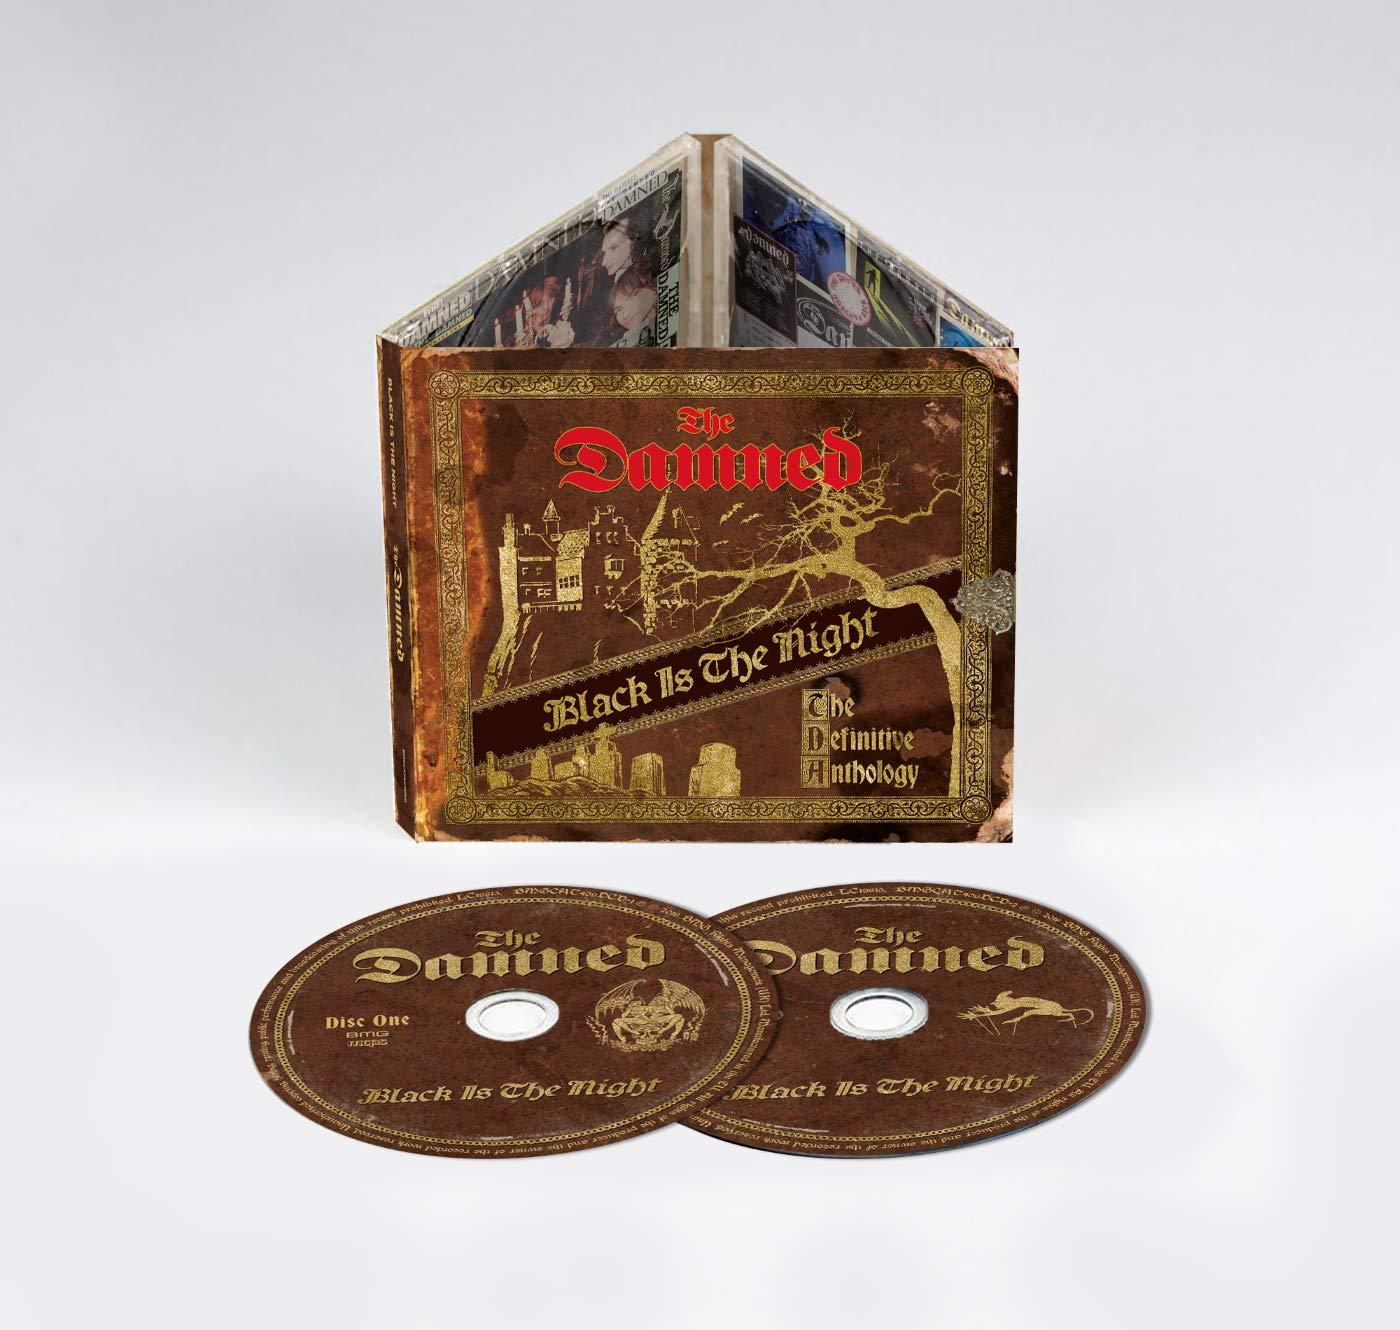 ¡Larga vida al CD! Presume de tu última compra en Disco Compacto - Página 10 71t9K19M0XL._SL1400_